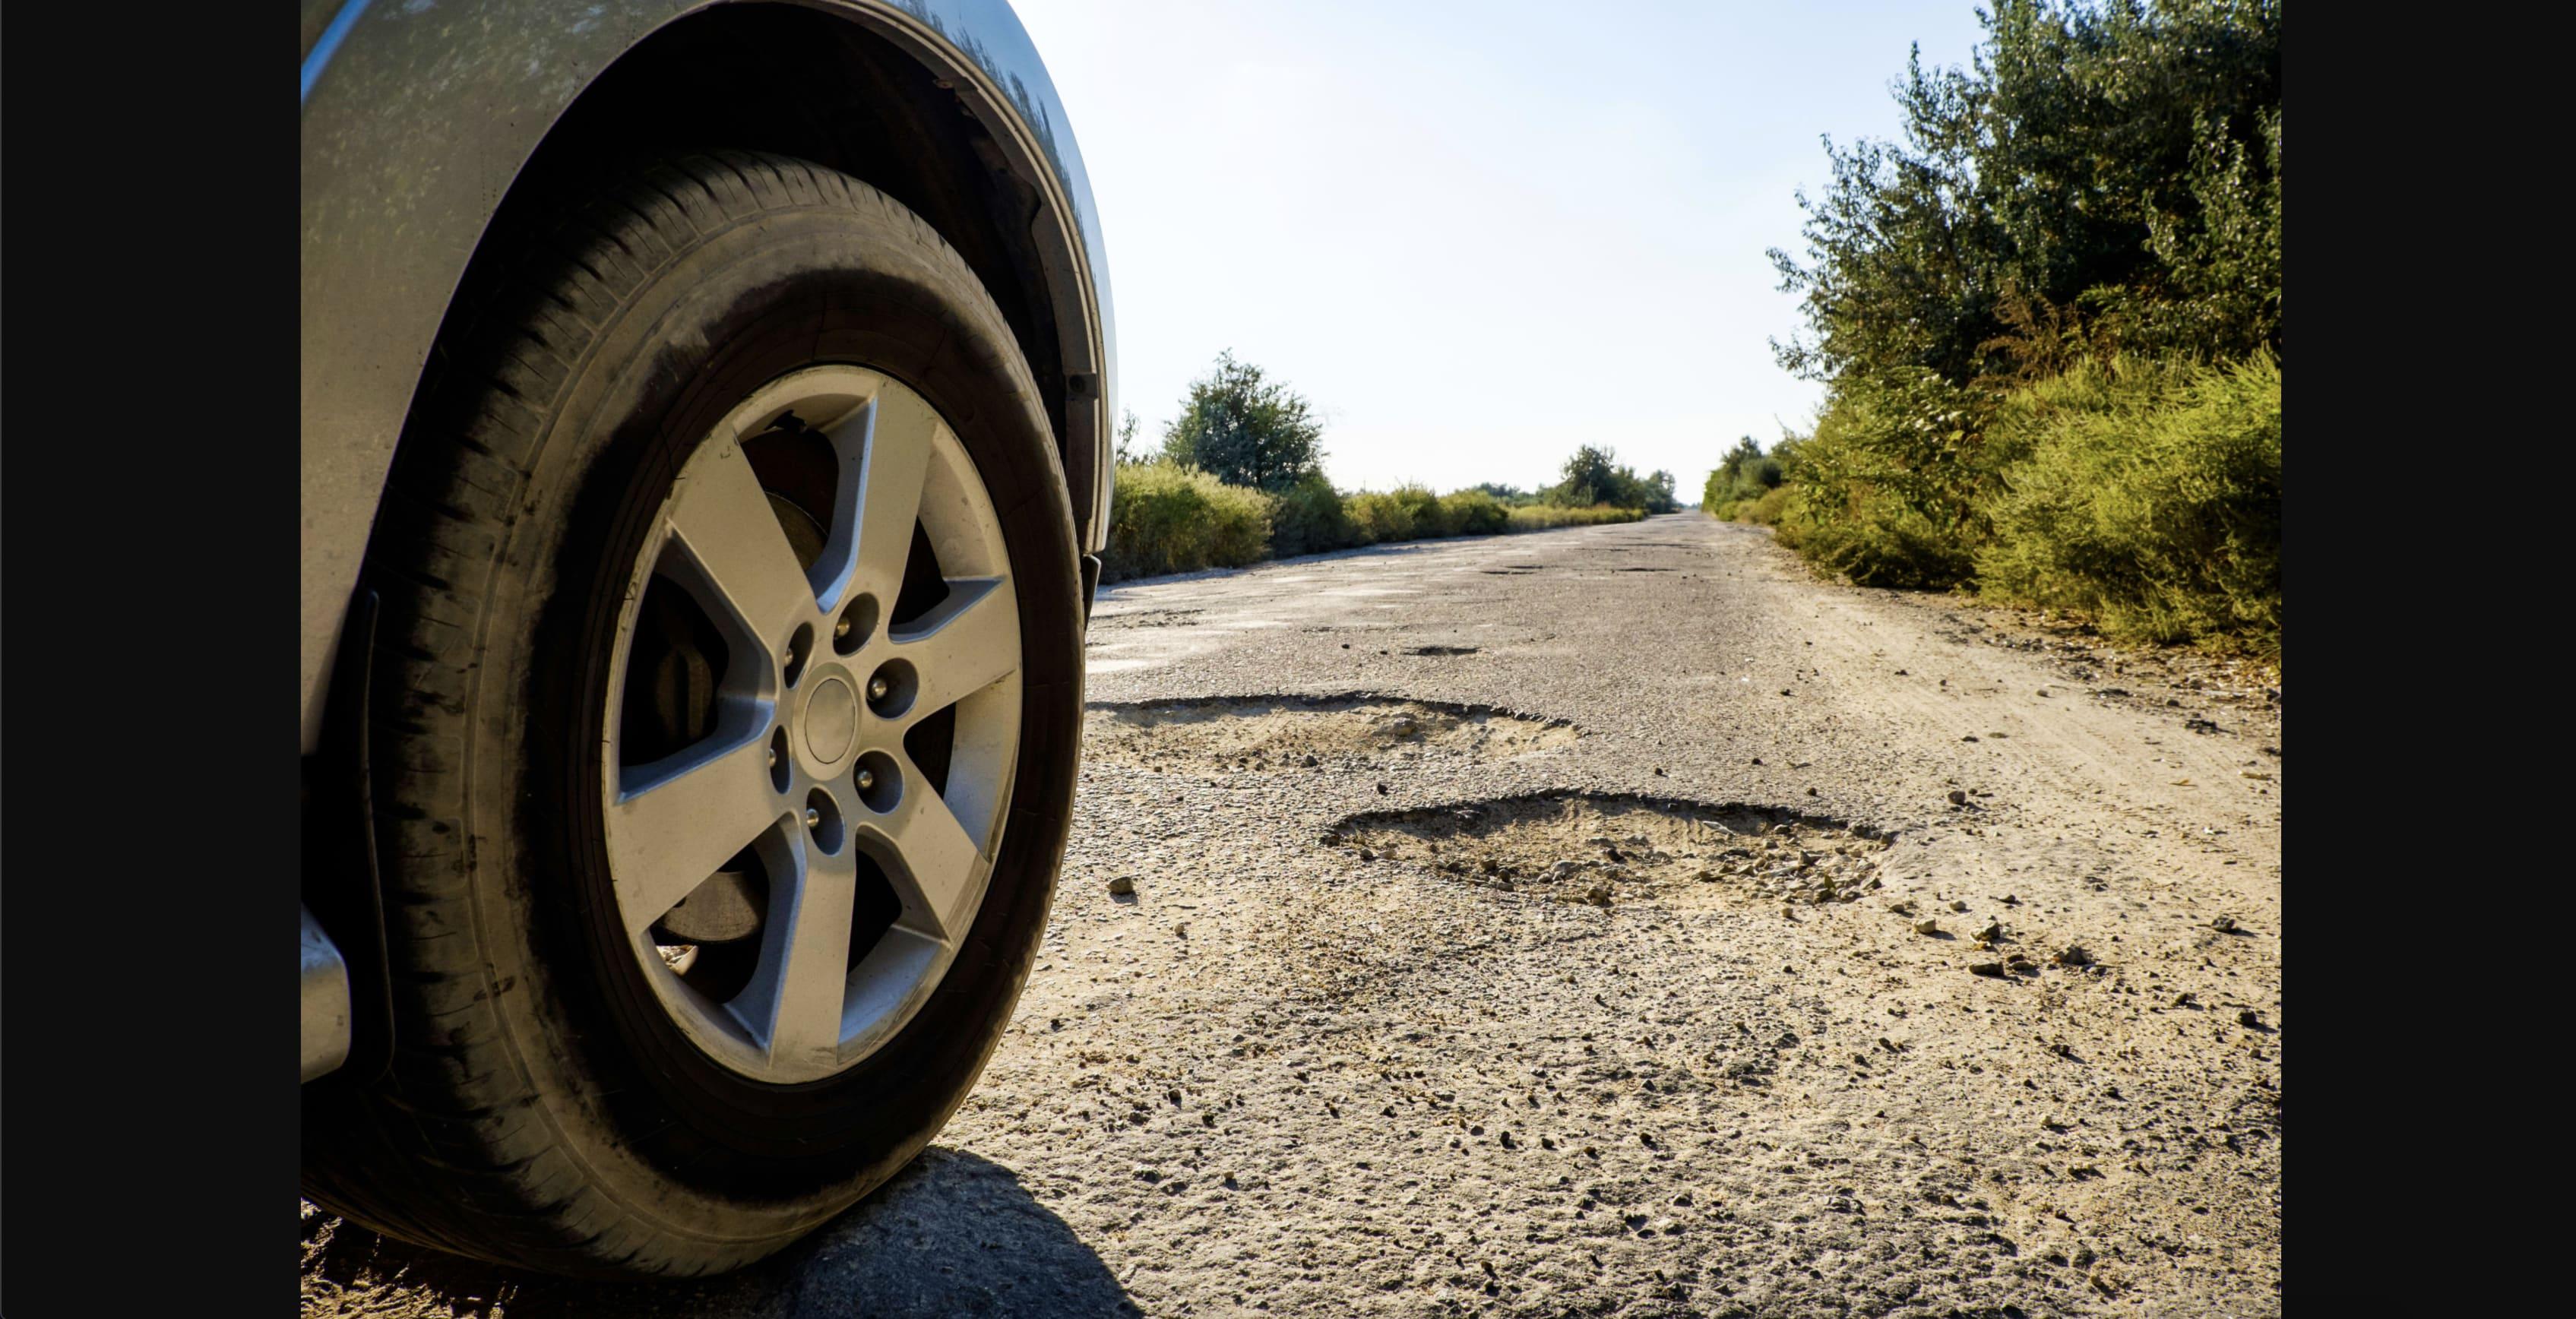 Road Hazard Video